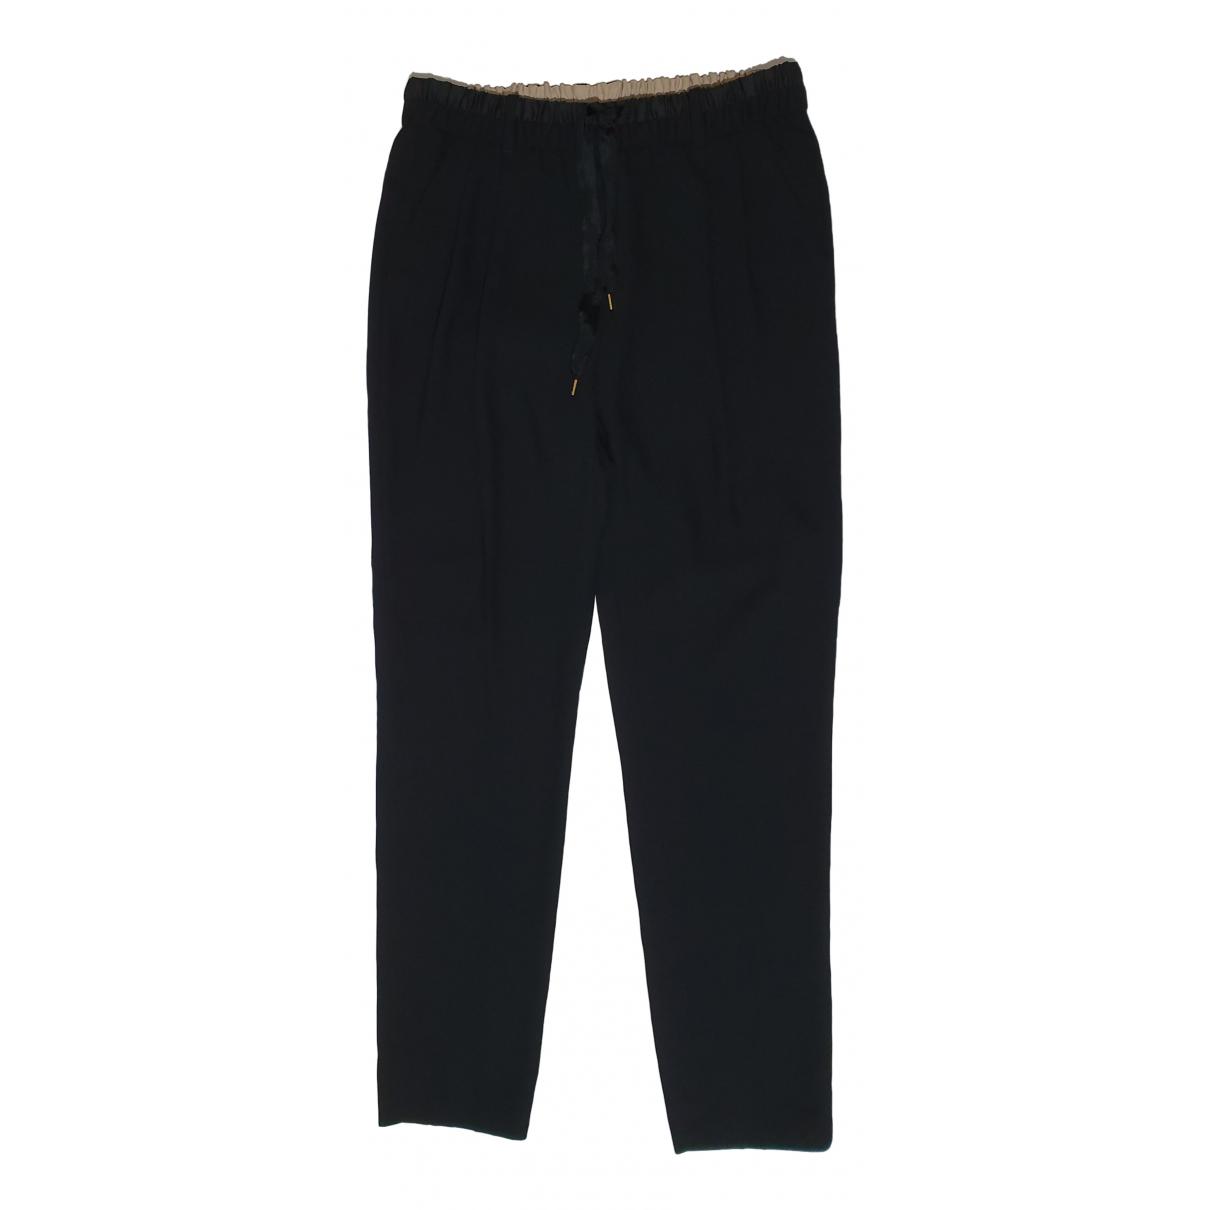 Day Birger & Mikkelsen \N Black Trousers for Women 38 FR